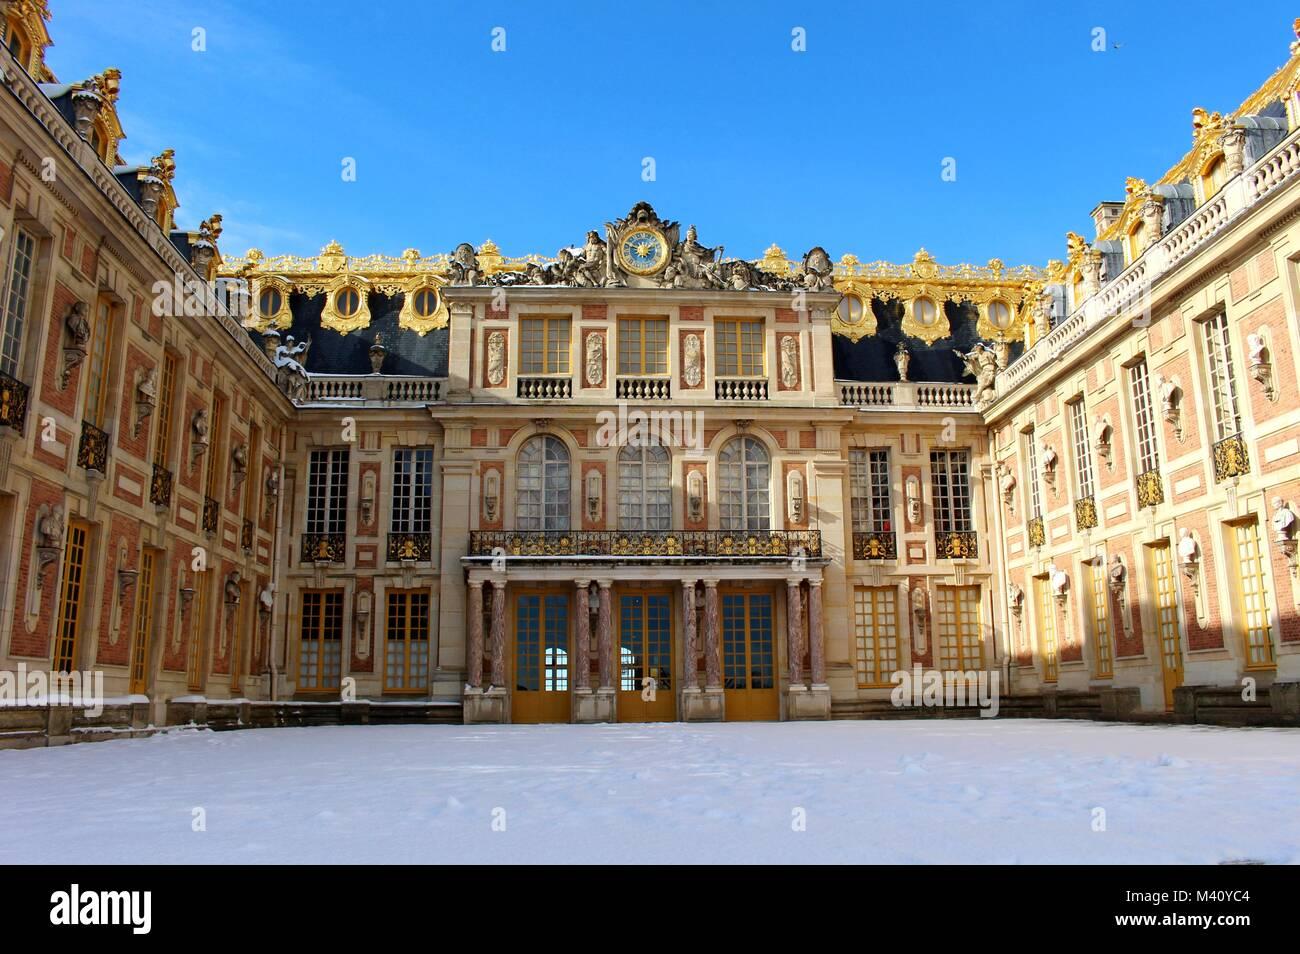 Febbraio 2018 ha visto la più grande nevicata a Parigi dal 1987. Immagini Stock